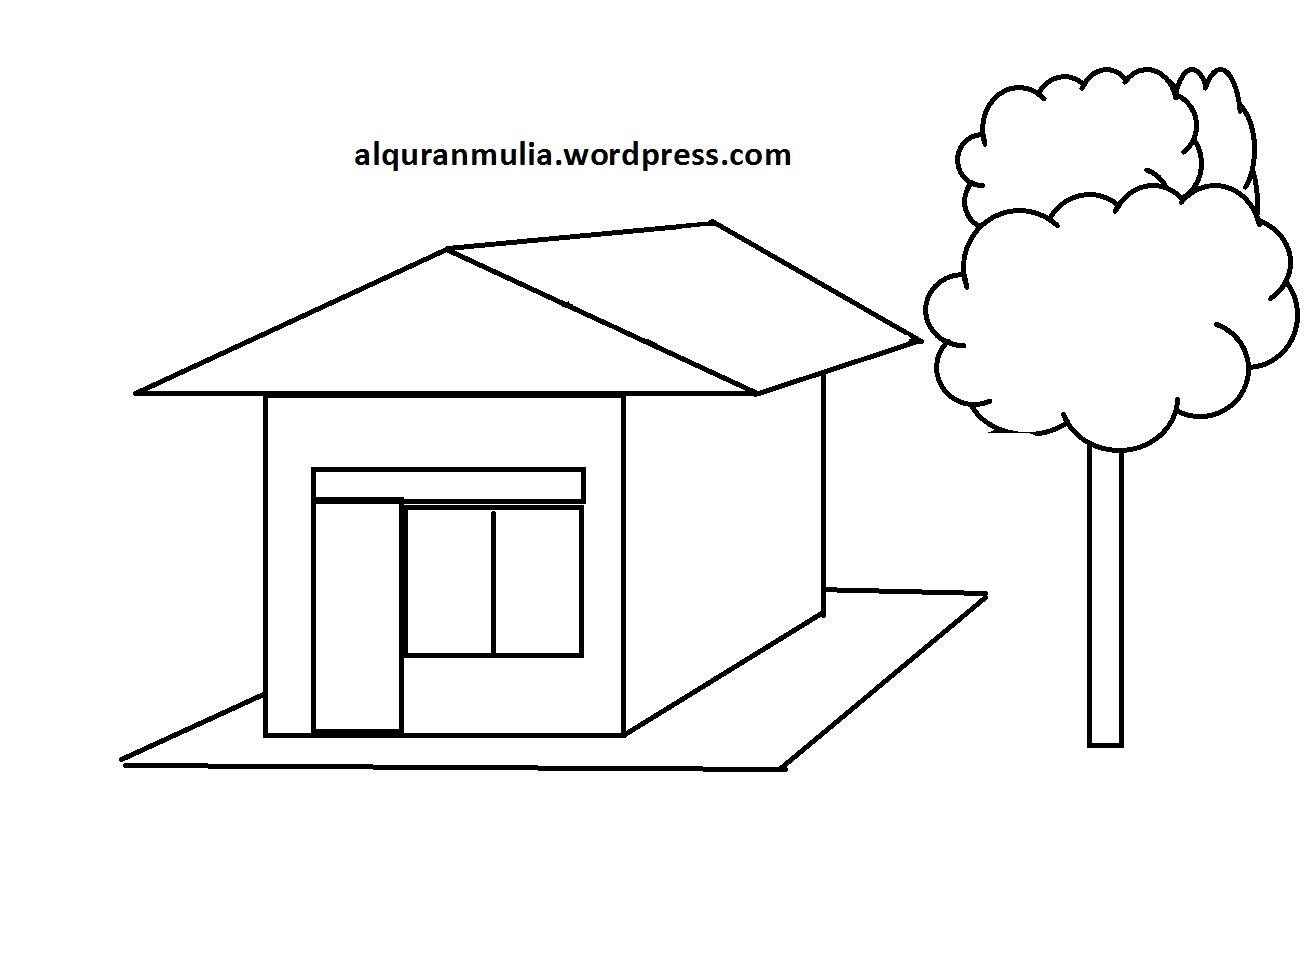 Gambar Rumah Gadang Hitam Putih Gambar Desain Rumah Modern Hitam